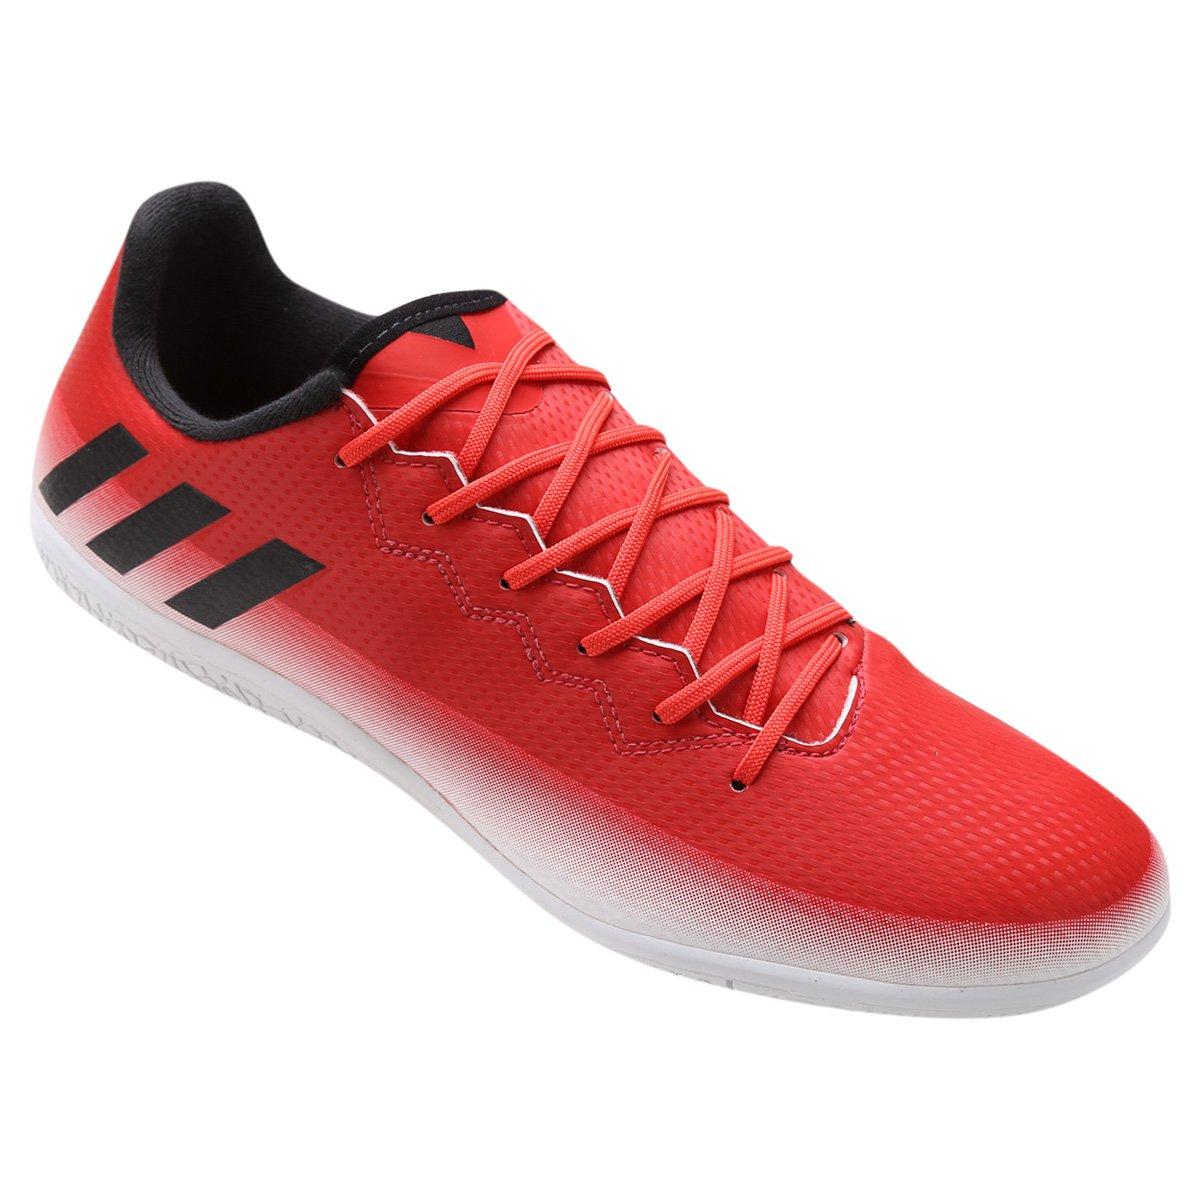 a76cd46969 Chuteira Futsal Adidas Messi 16.3 IN - Vermelho e Branco - Compre ...